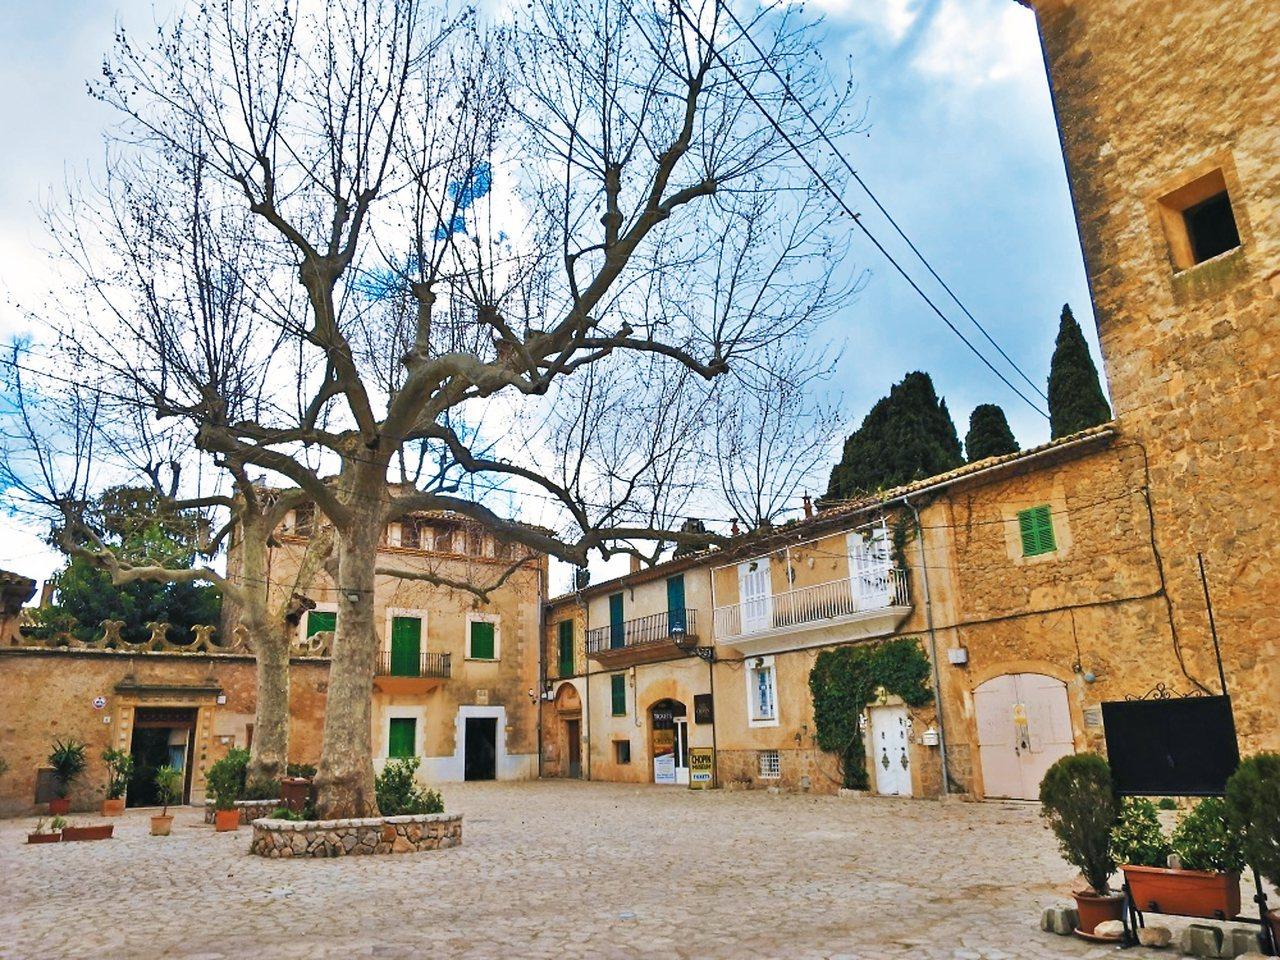 蕭邦與喬治桑曾居住過的修道院前廣場。 攝影/周育如